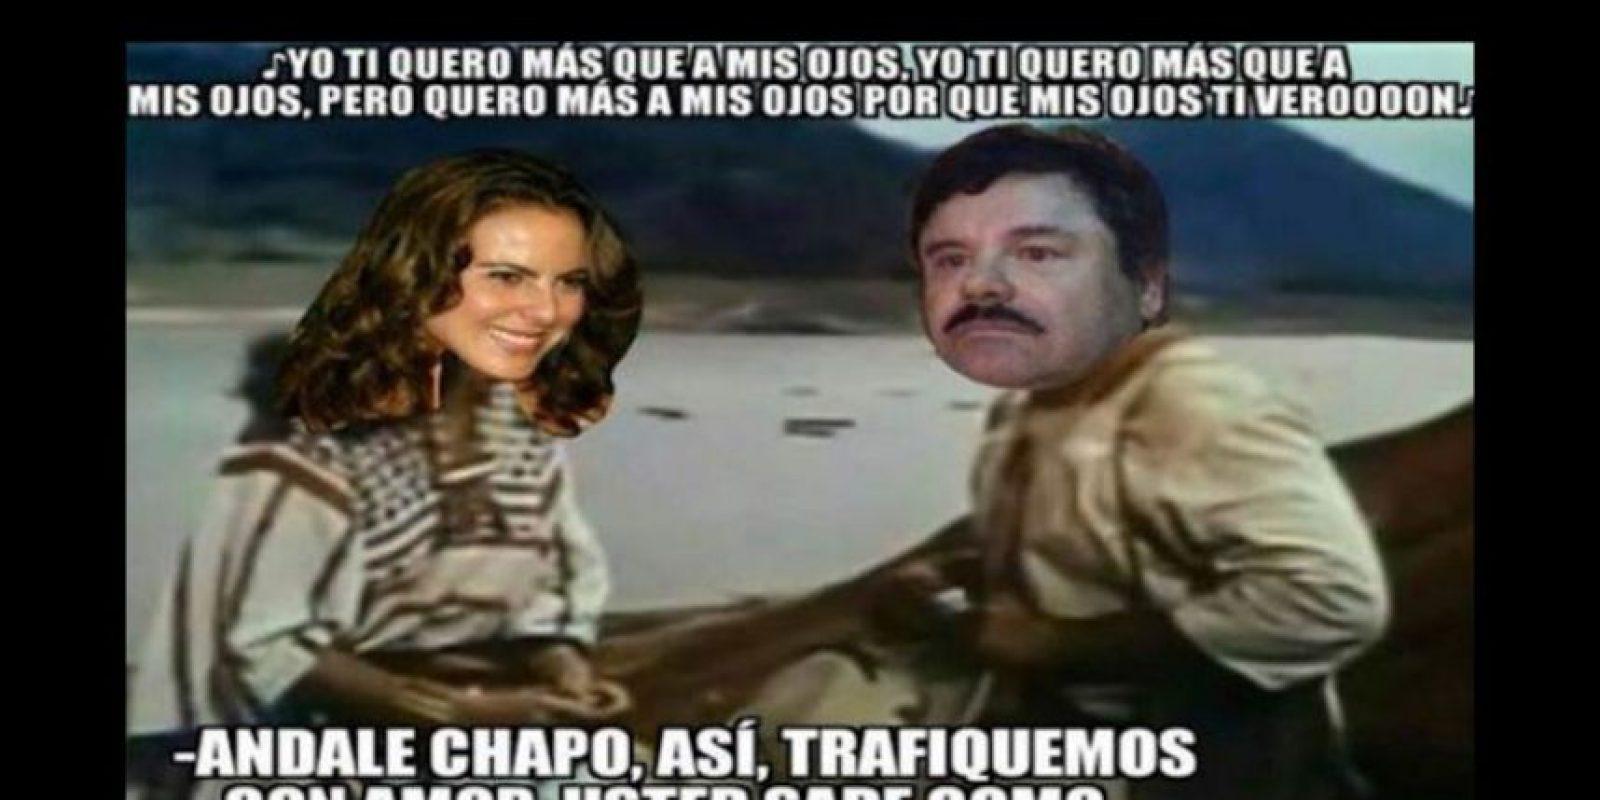 Foto:Vía Twitter. Imagen Por: